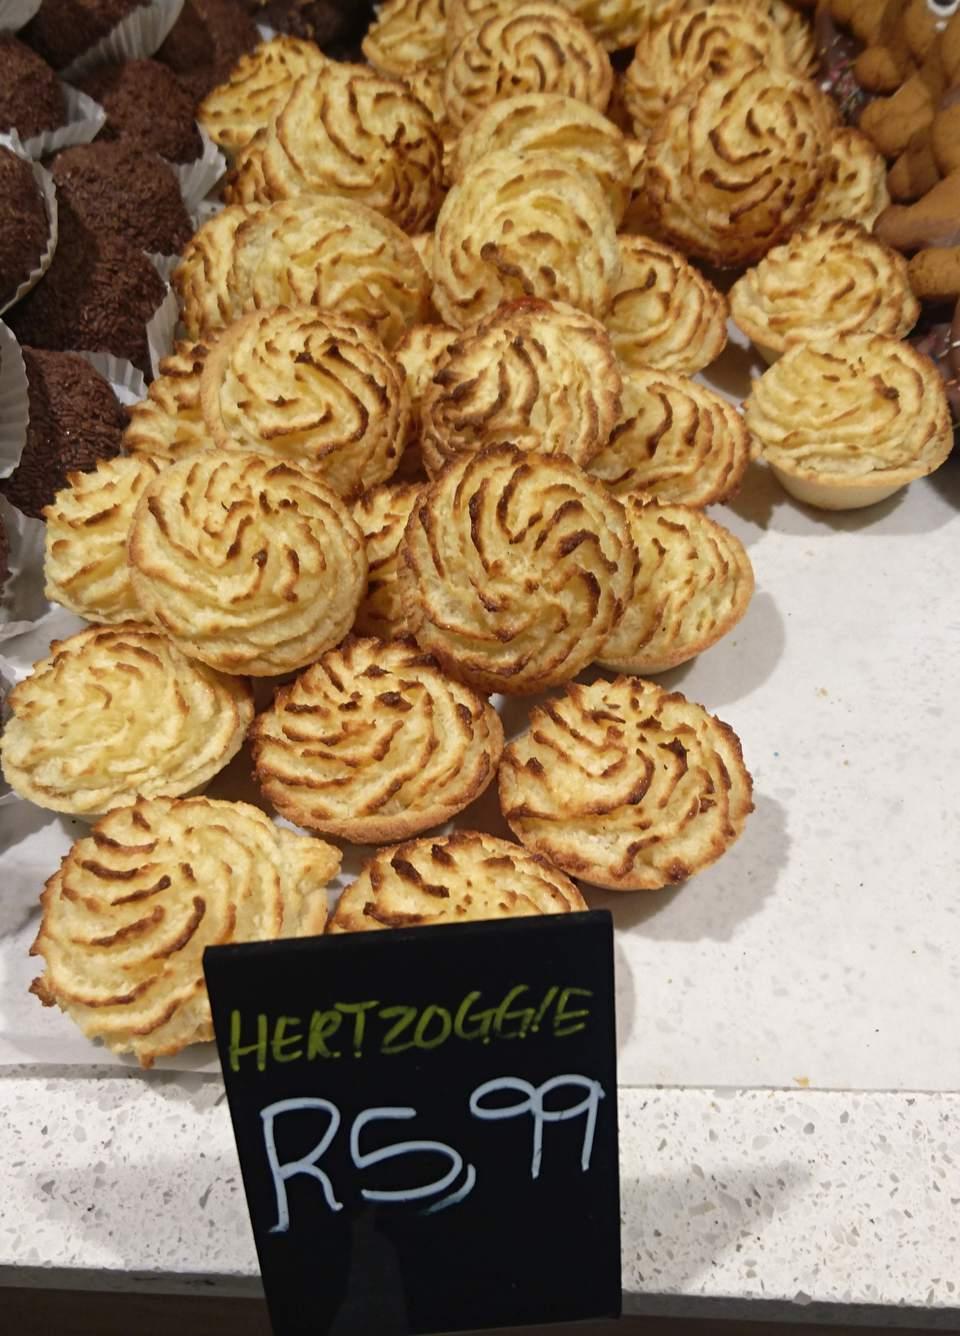 Receta Hertzoggies (Tartaletas holandesas de mermelada de coco y merengue)